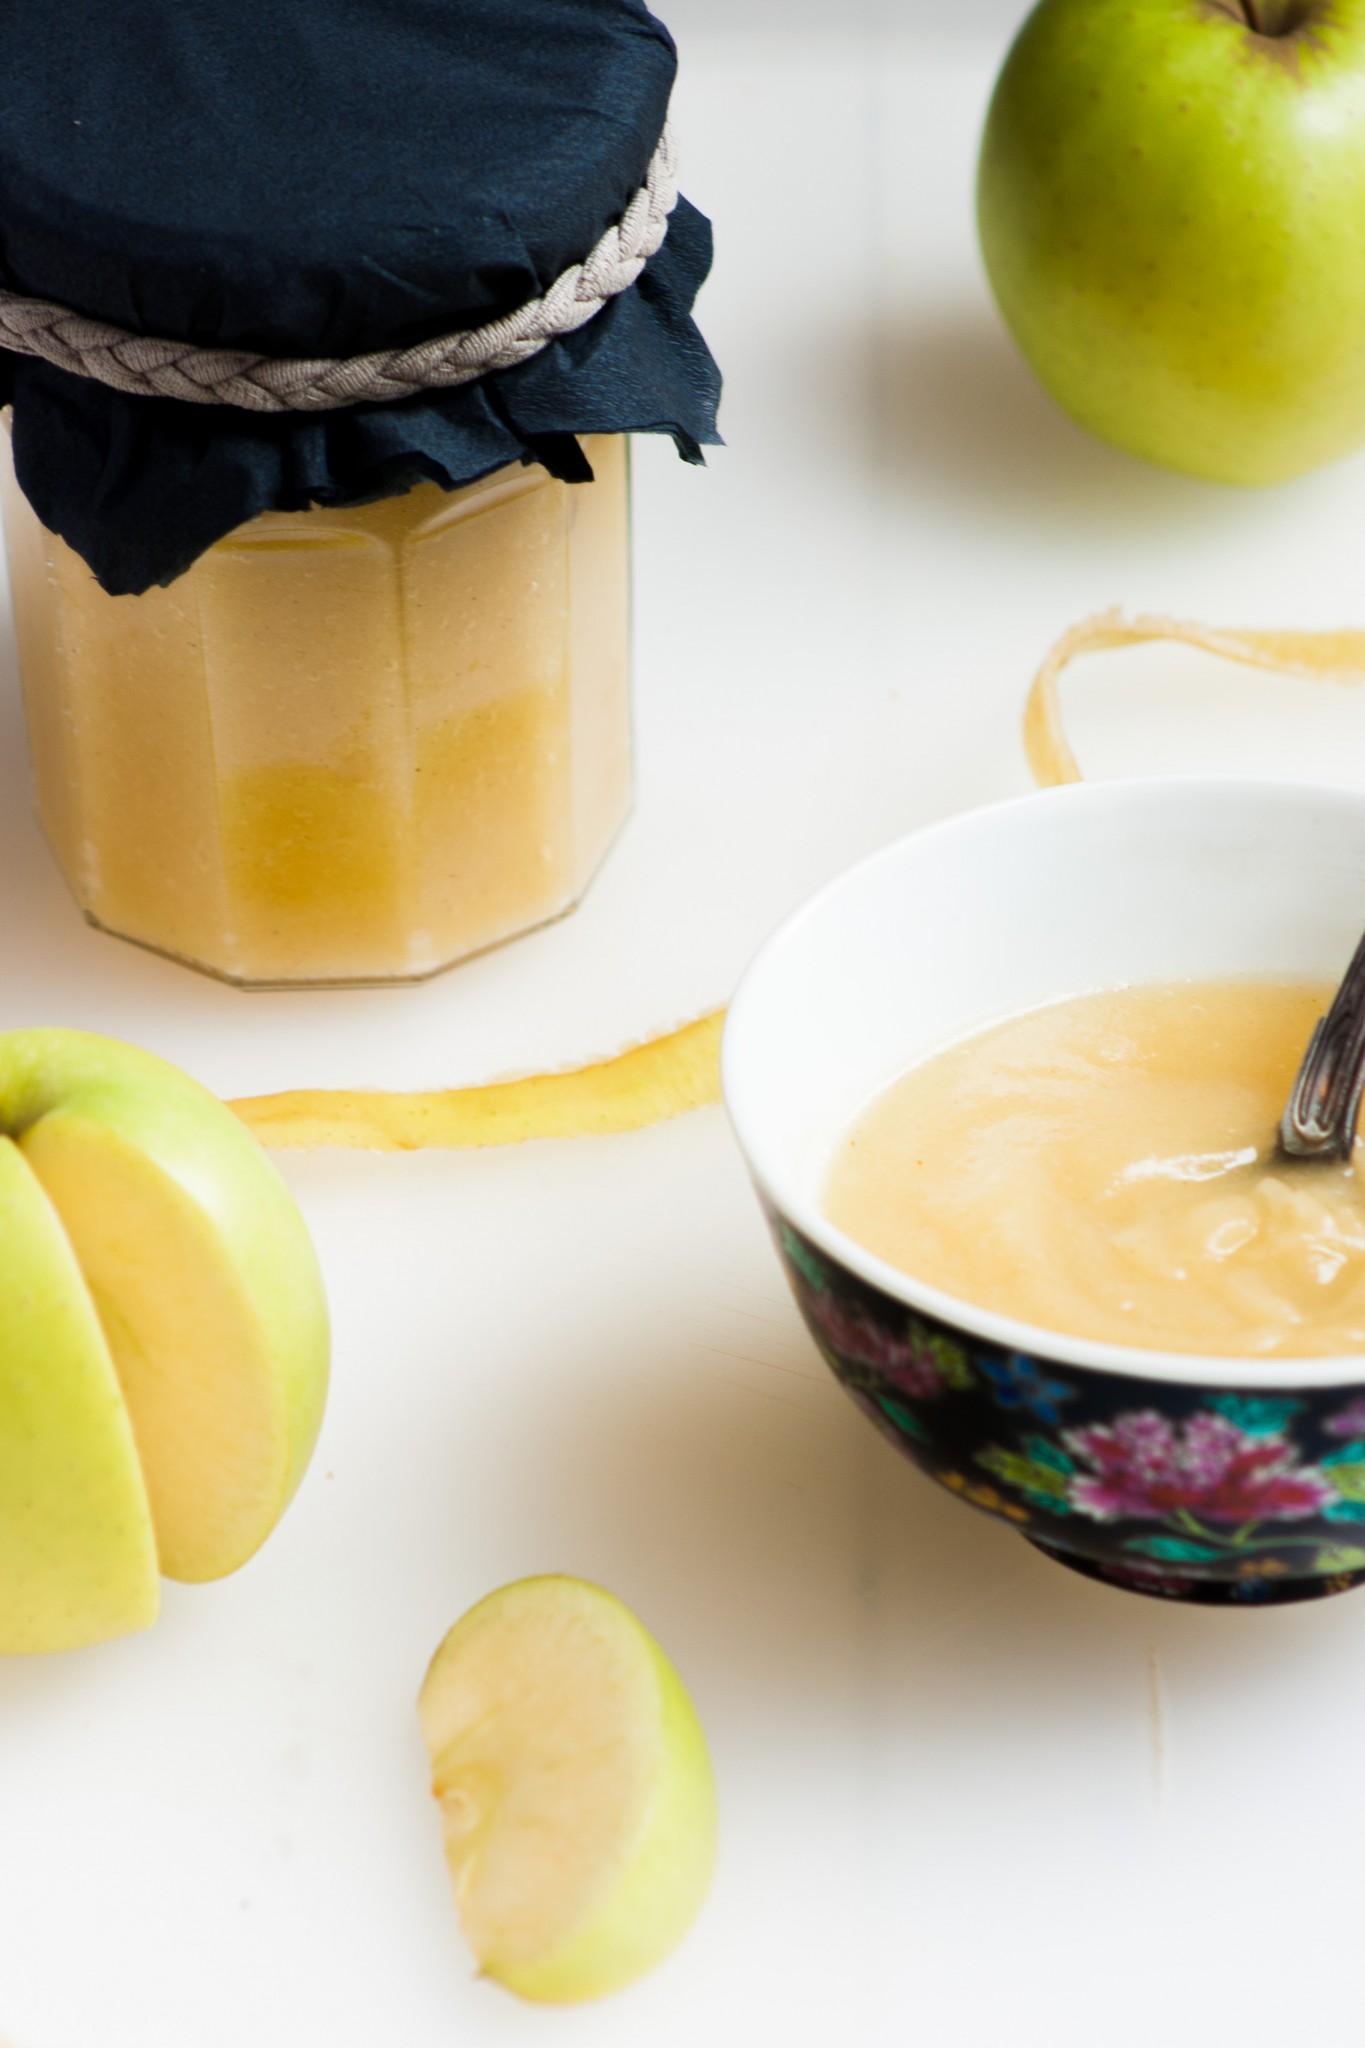 Compote maison pomme cannelle la faim est proche - Temps de conservation compote maison pour bebe ...